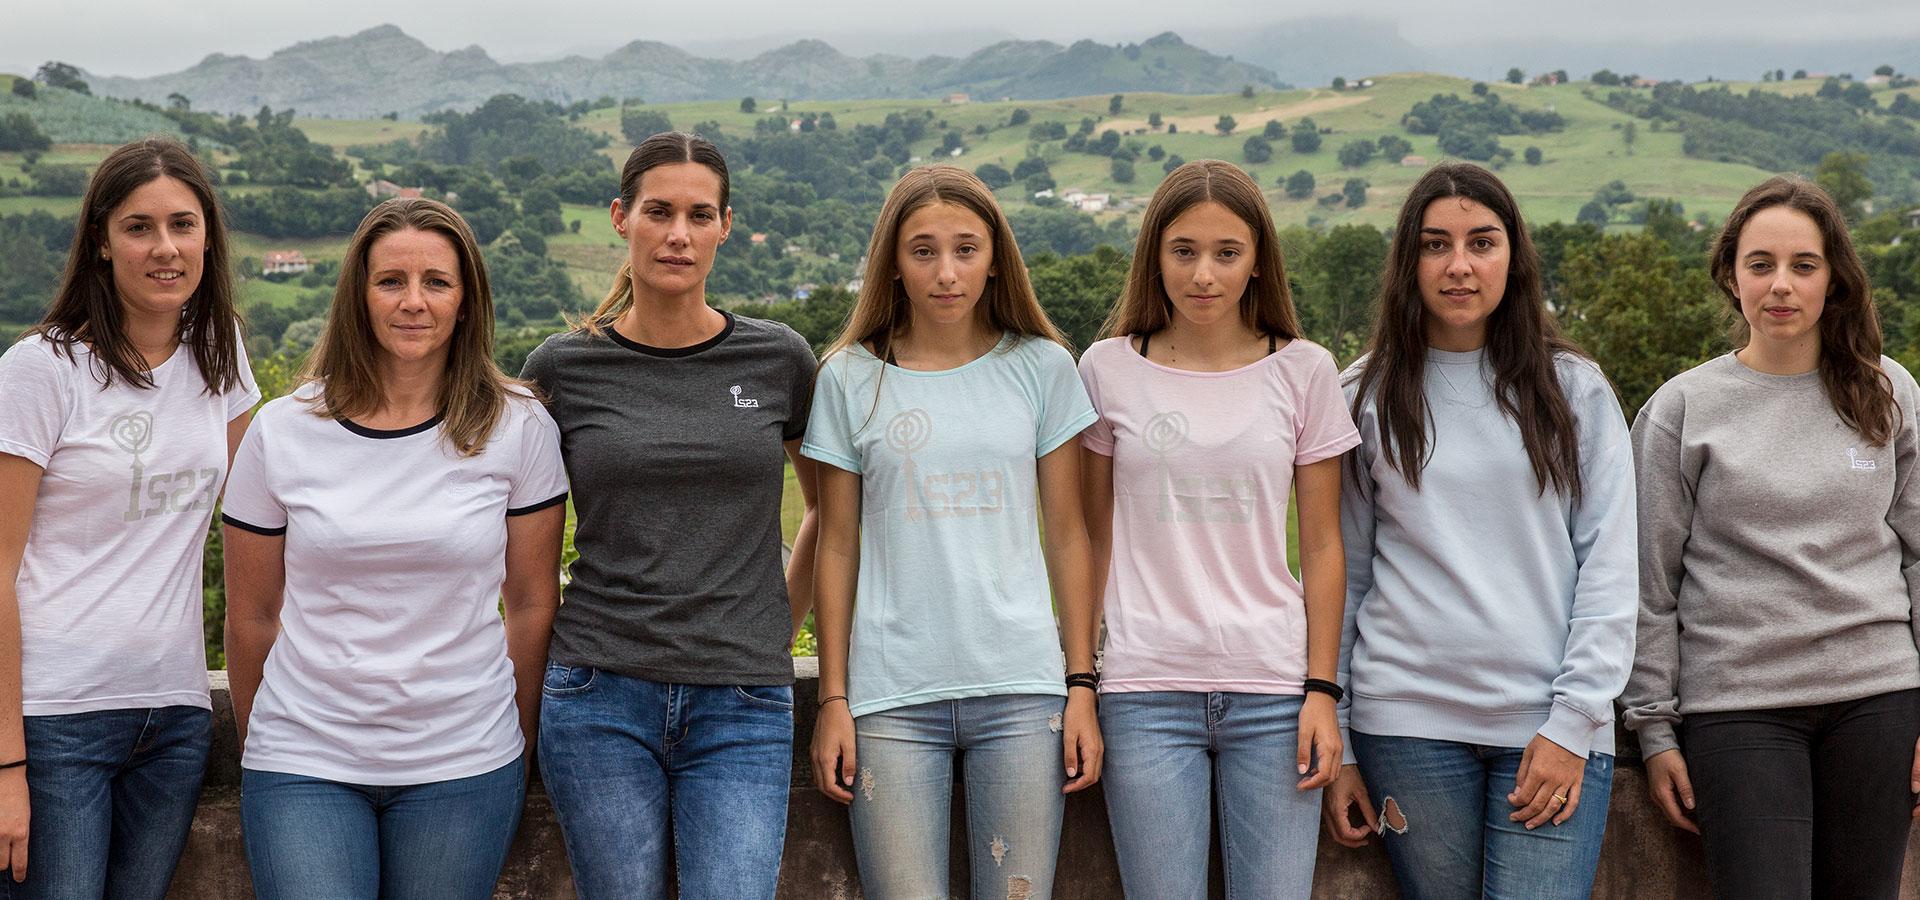 Moda Casual - IS23 Tienda Online Ciclismo para Mujer